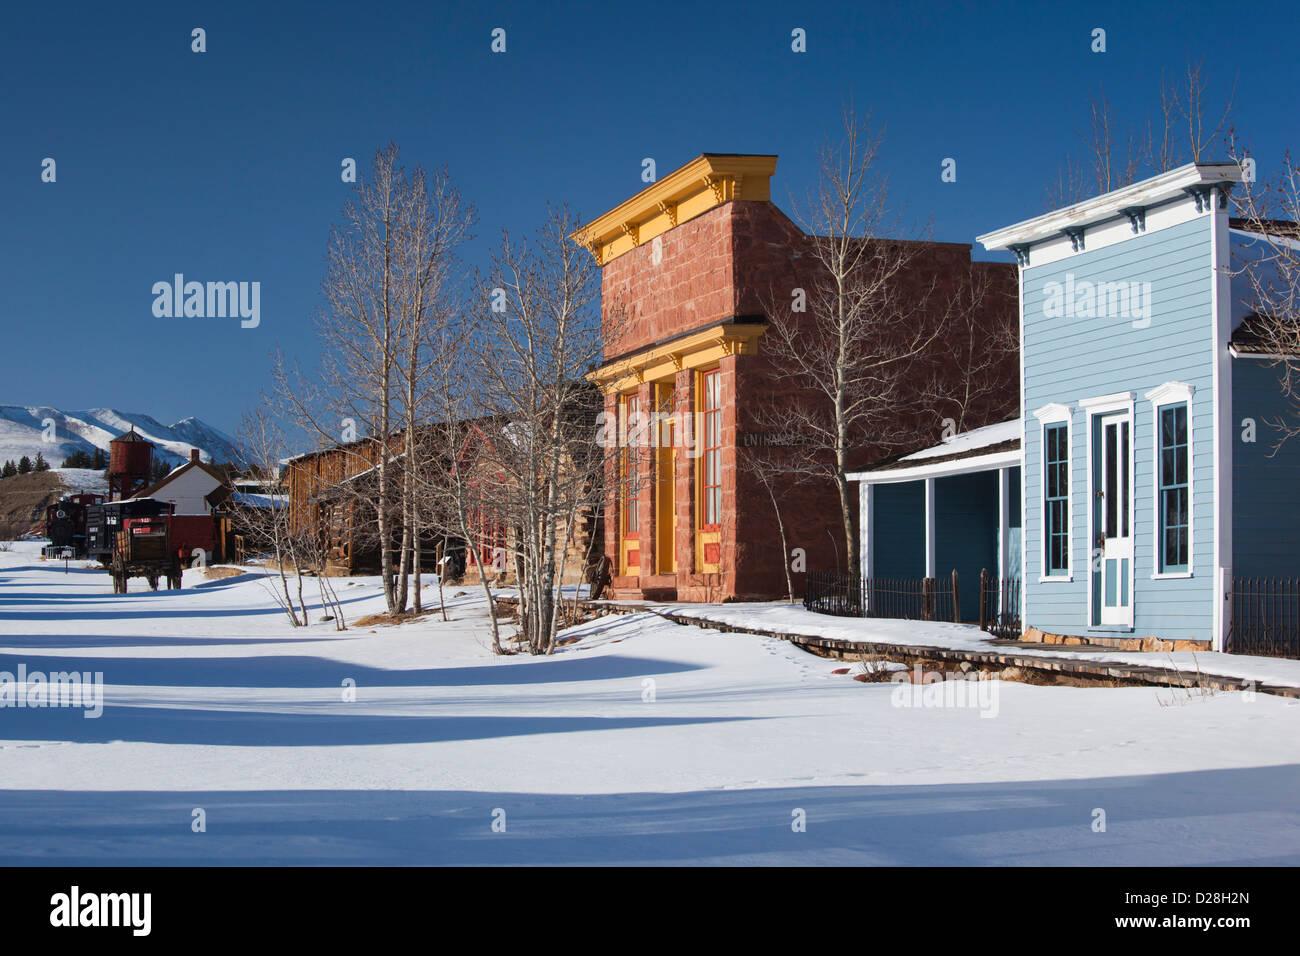 USA, Colorado, Fairplay, historic Western buildings - Stock Image